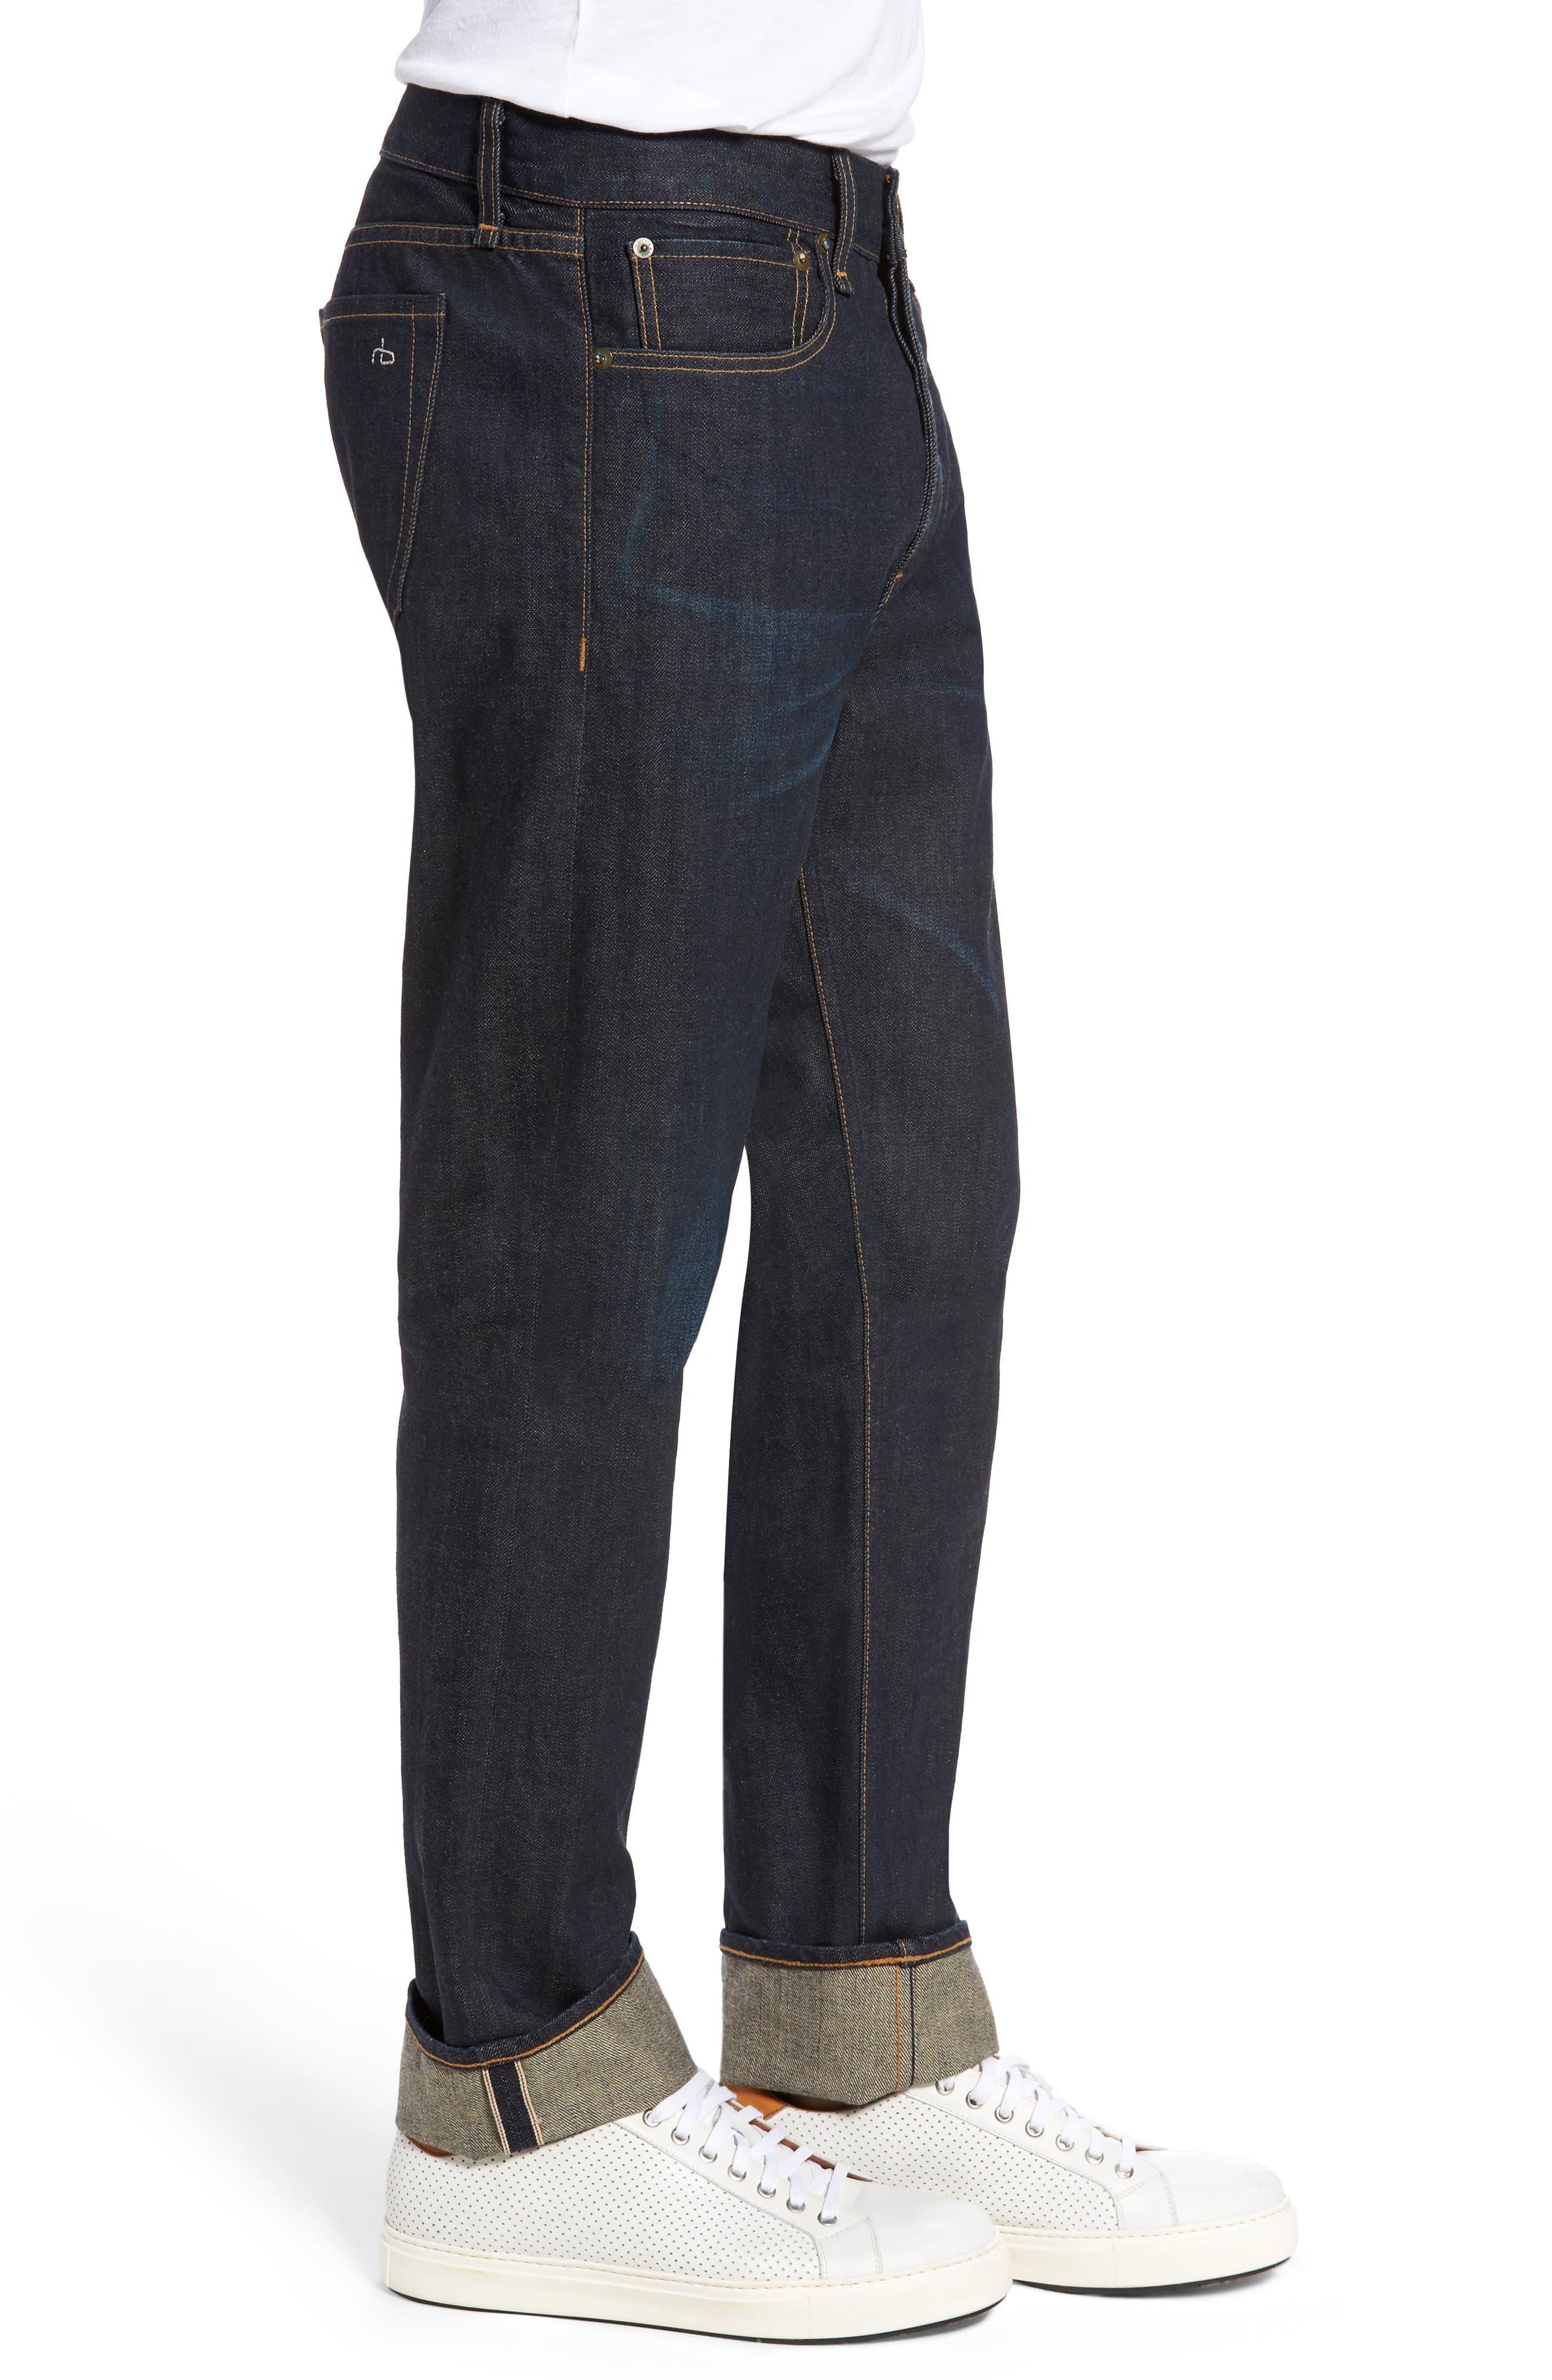 Fit 2 Slim Fit Jeans,                             Alternate thumbnail 3, color,                             452